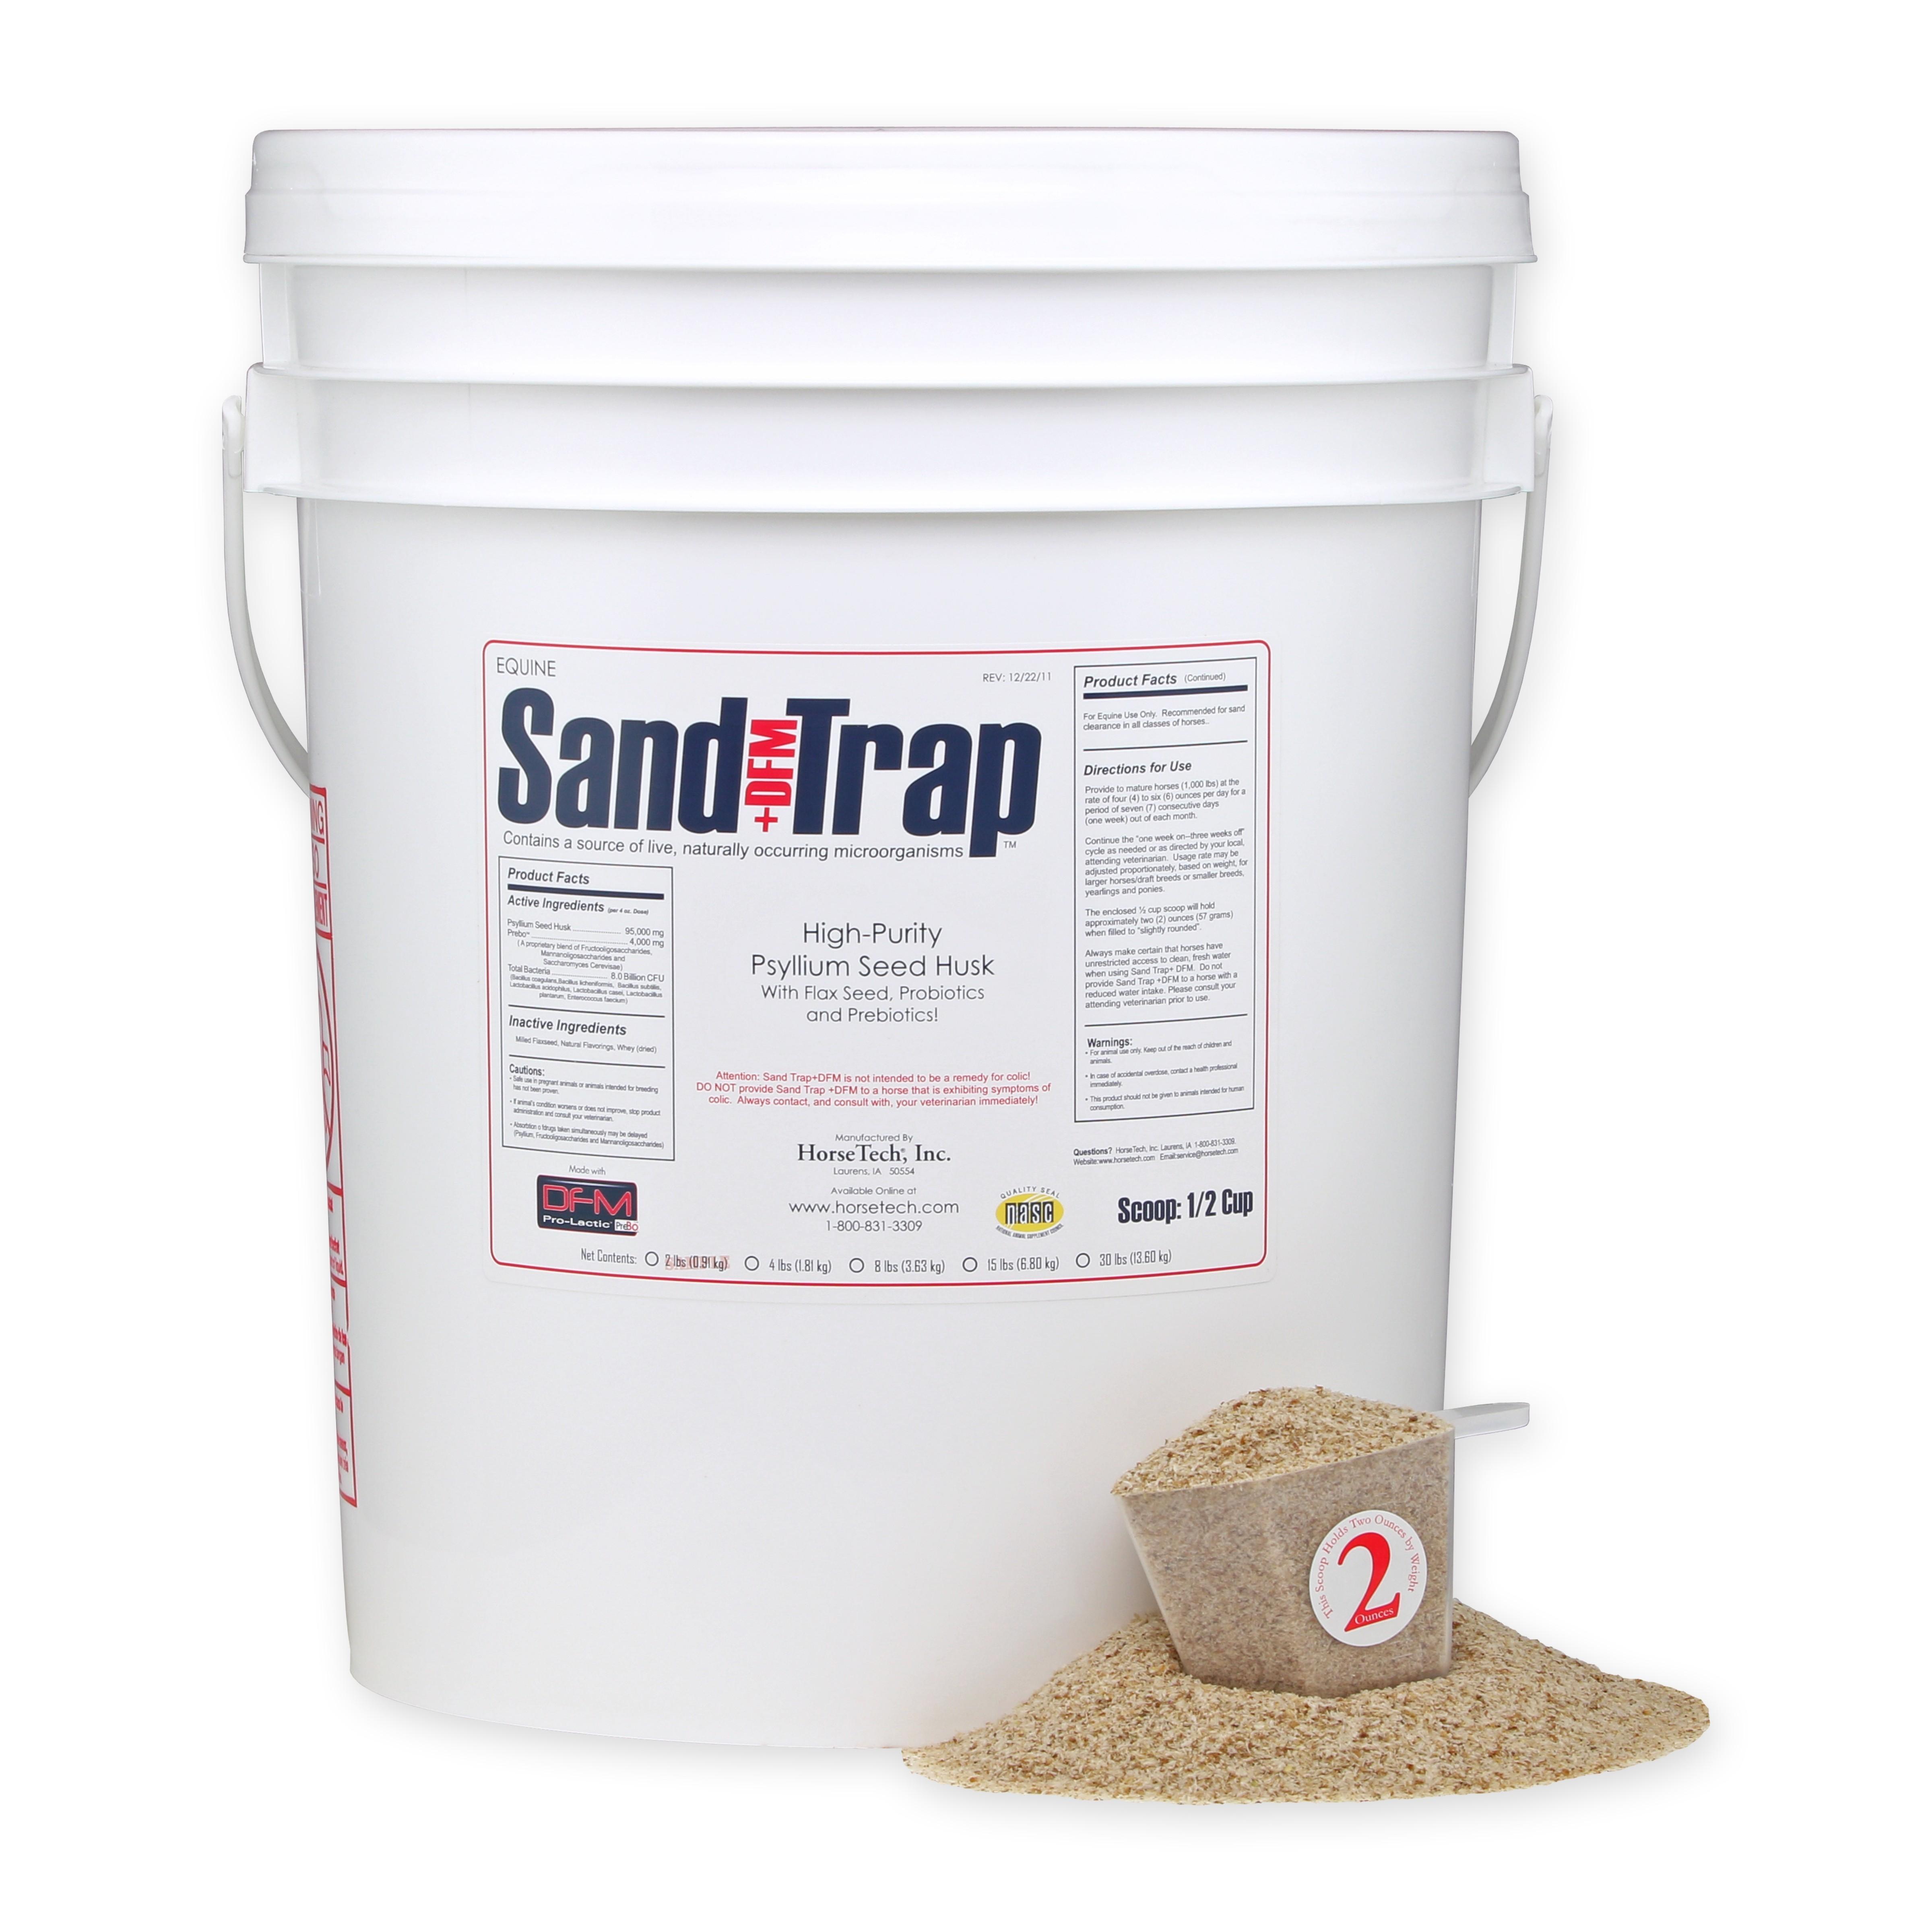 SandTrap + DFM